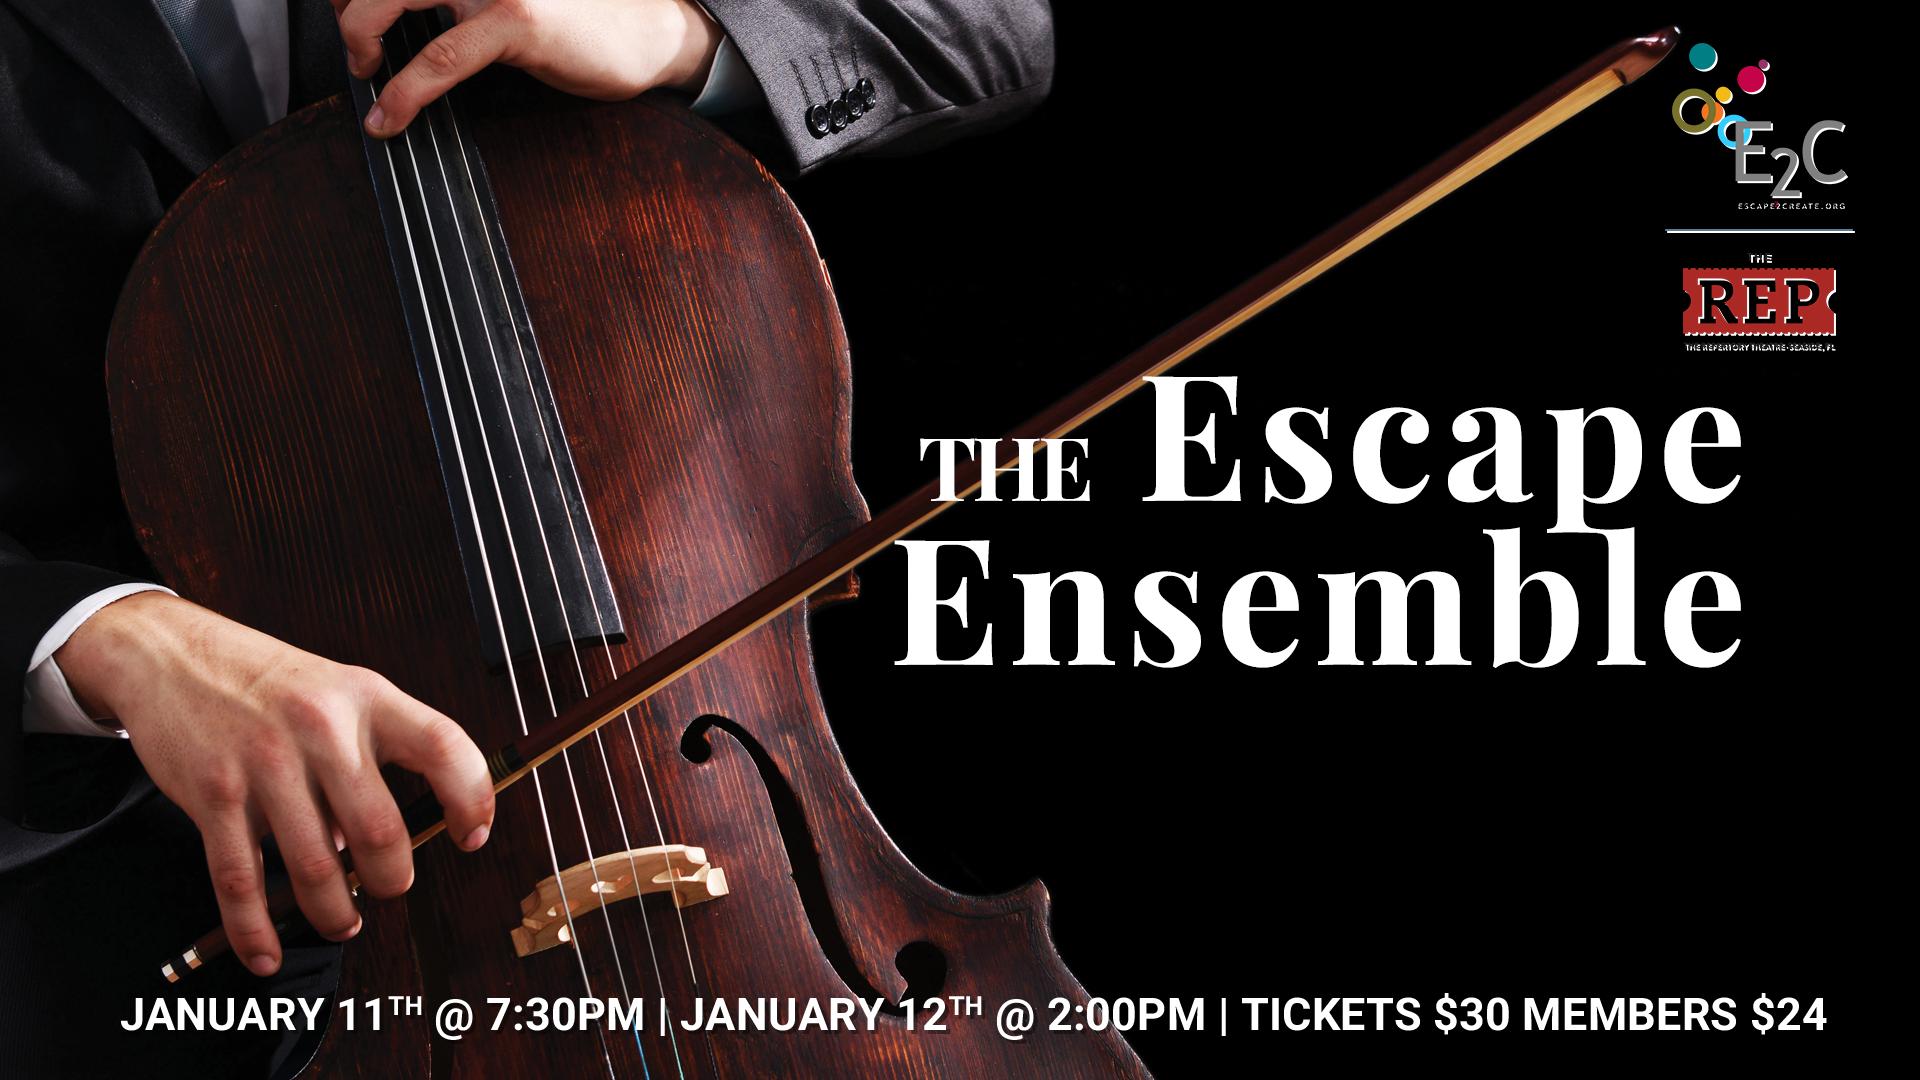 The Escape Ensemble The REP Theatre in Seaside